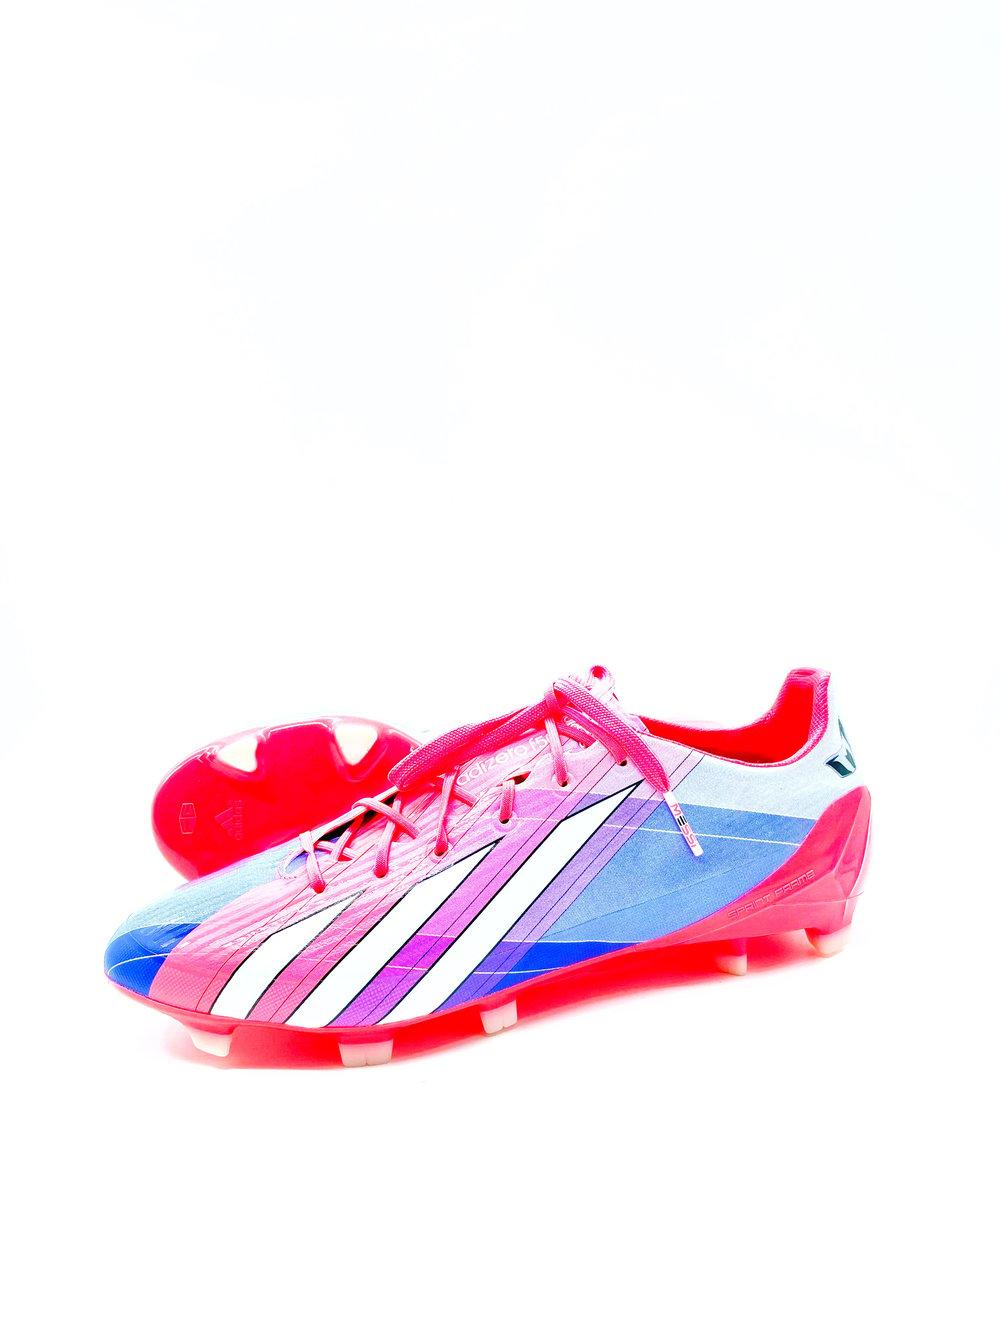 Image of Adidas adizero F50 Messi